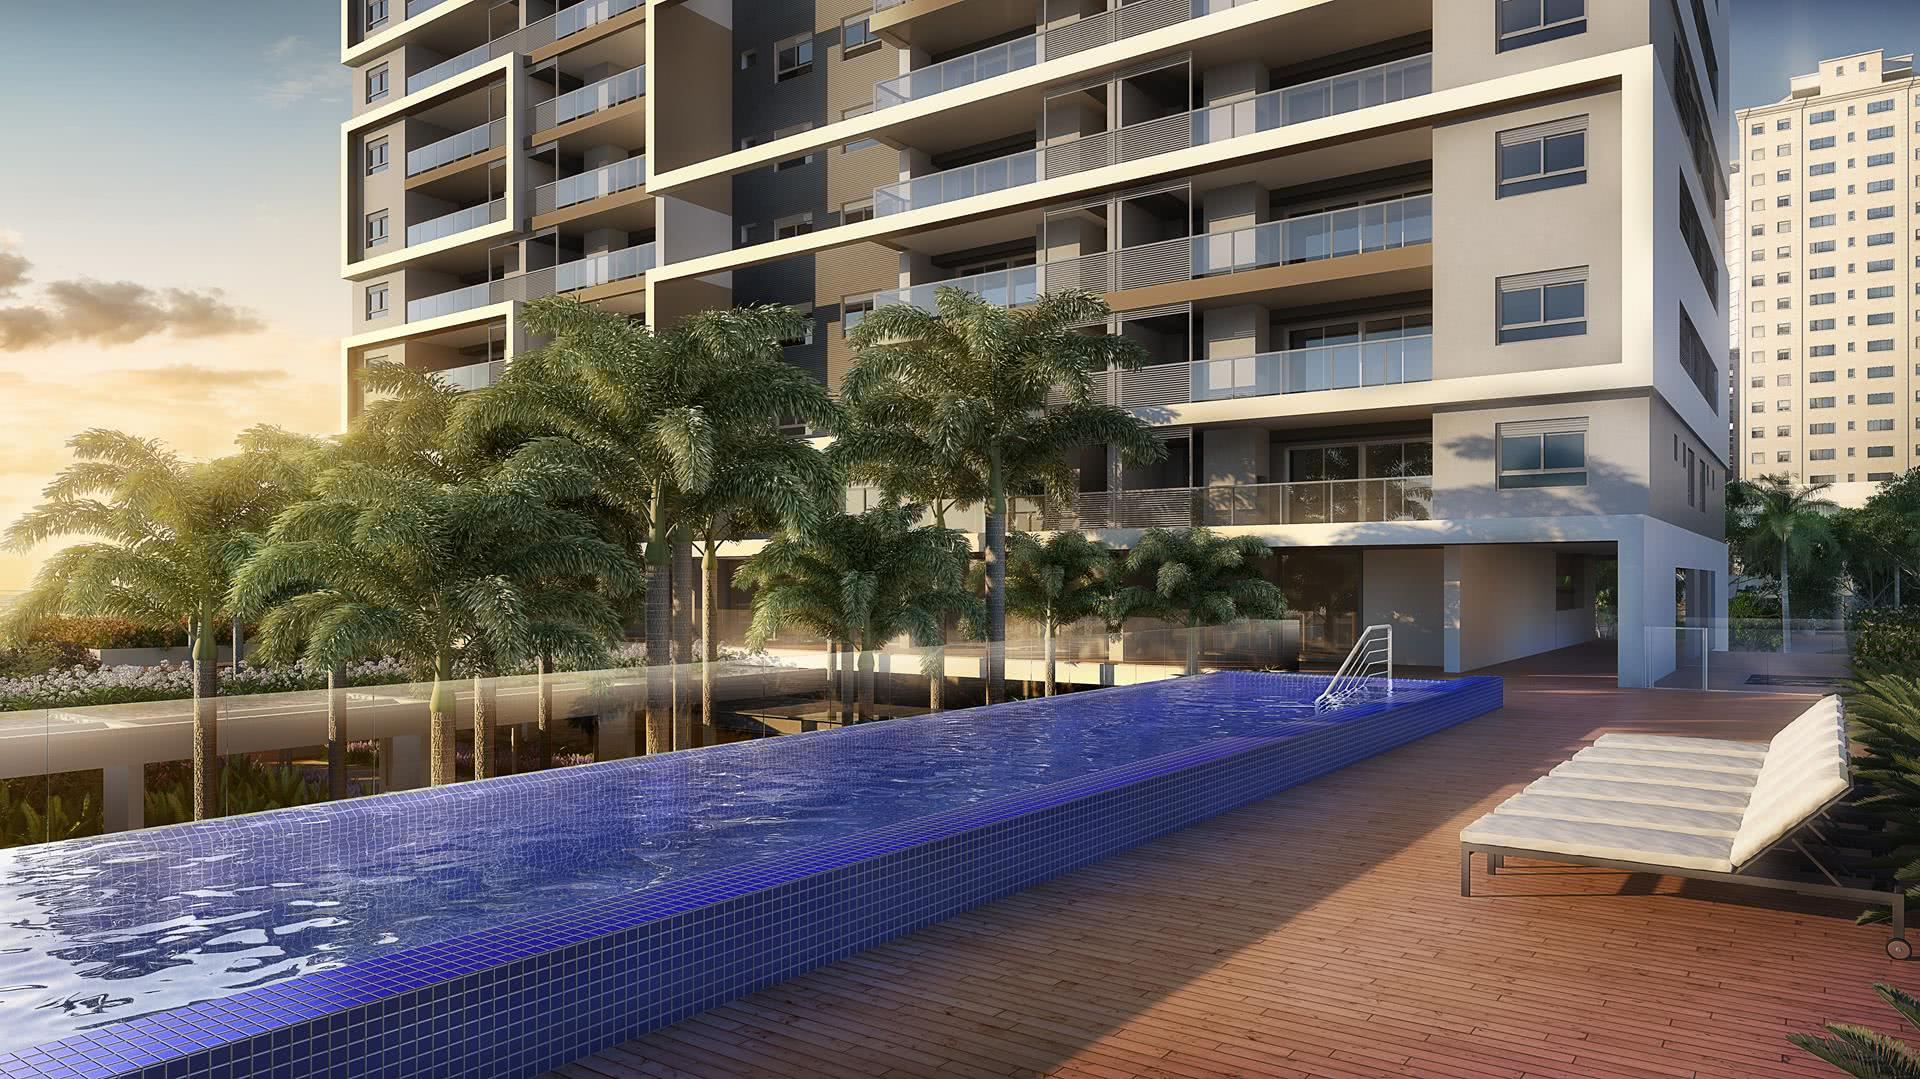 Empreendimentos residenciais também usam esta opção moderna em sua área de lazer.